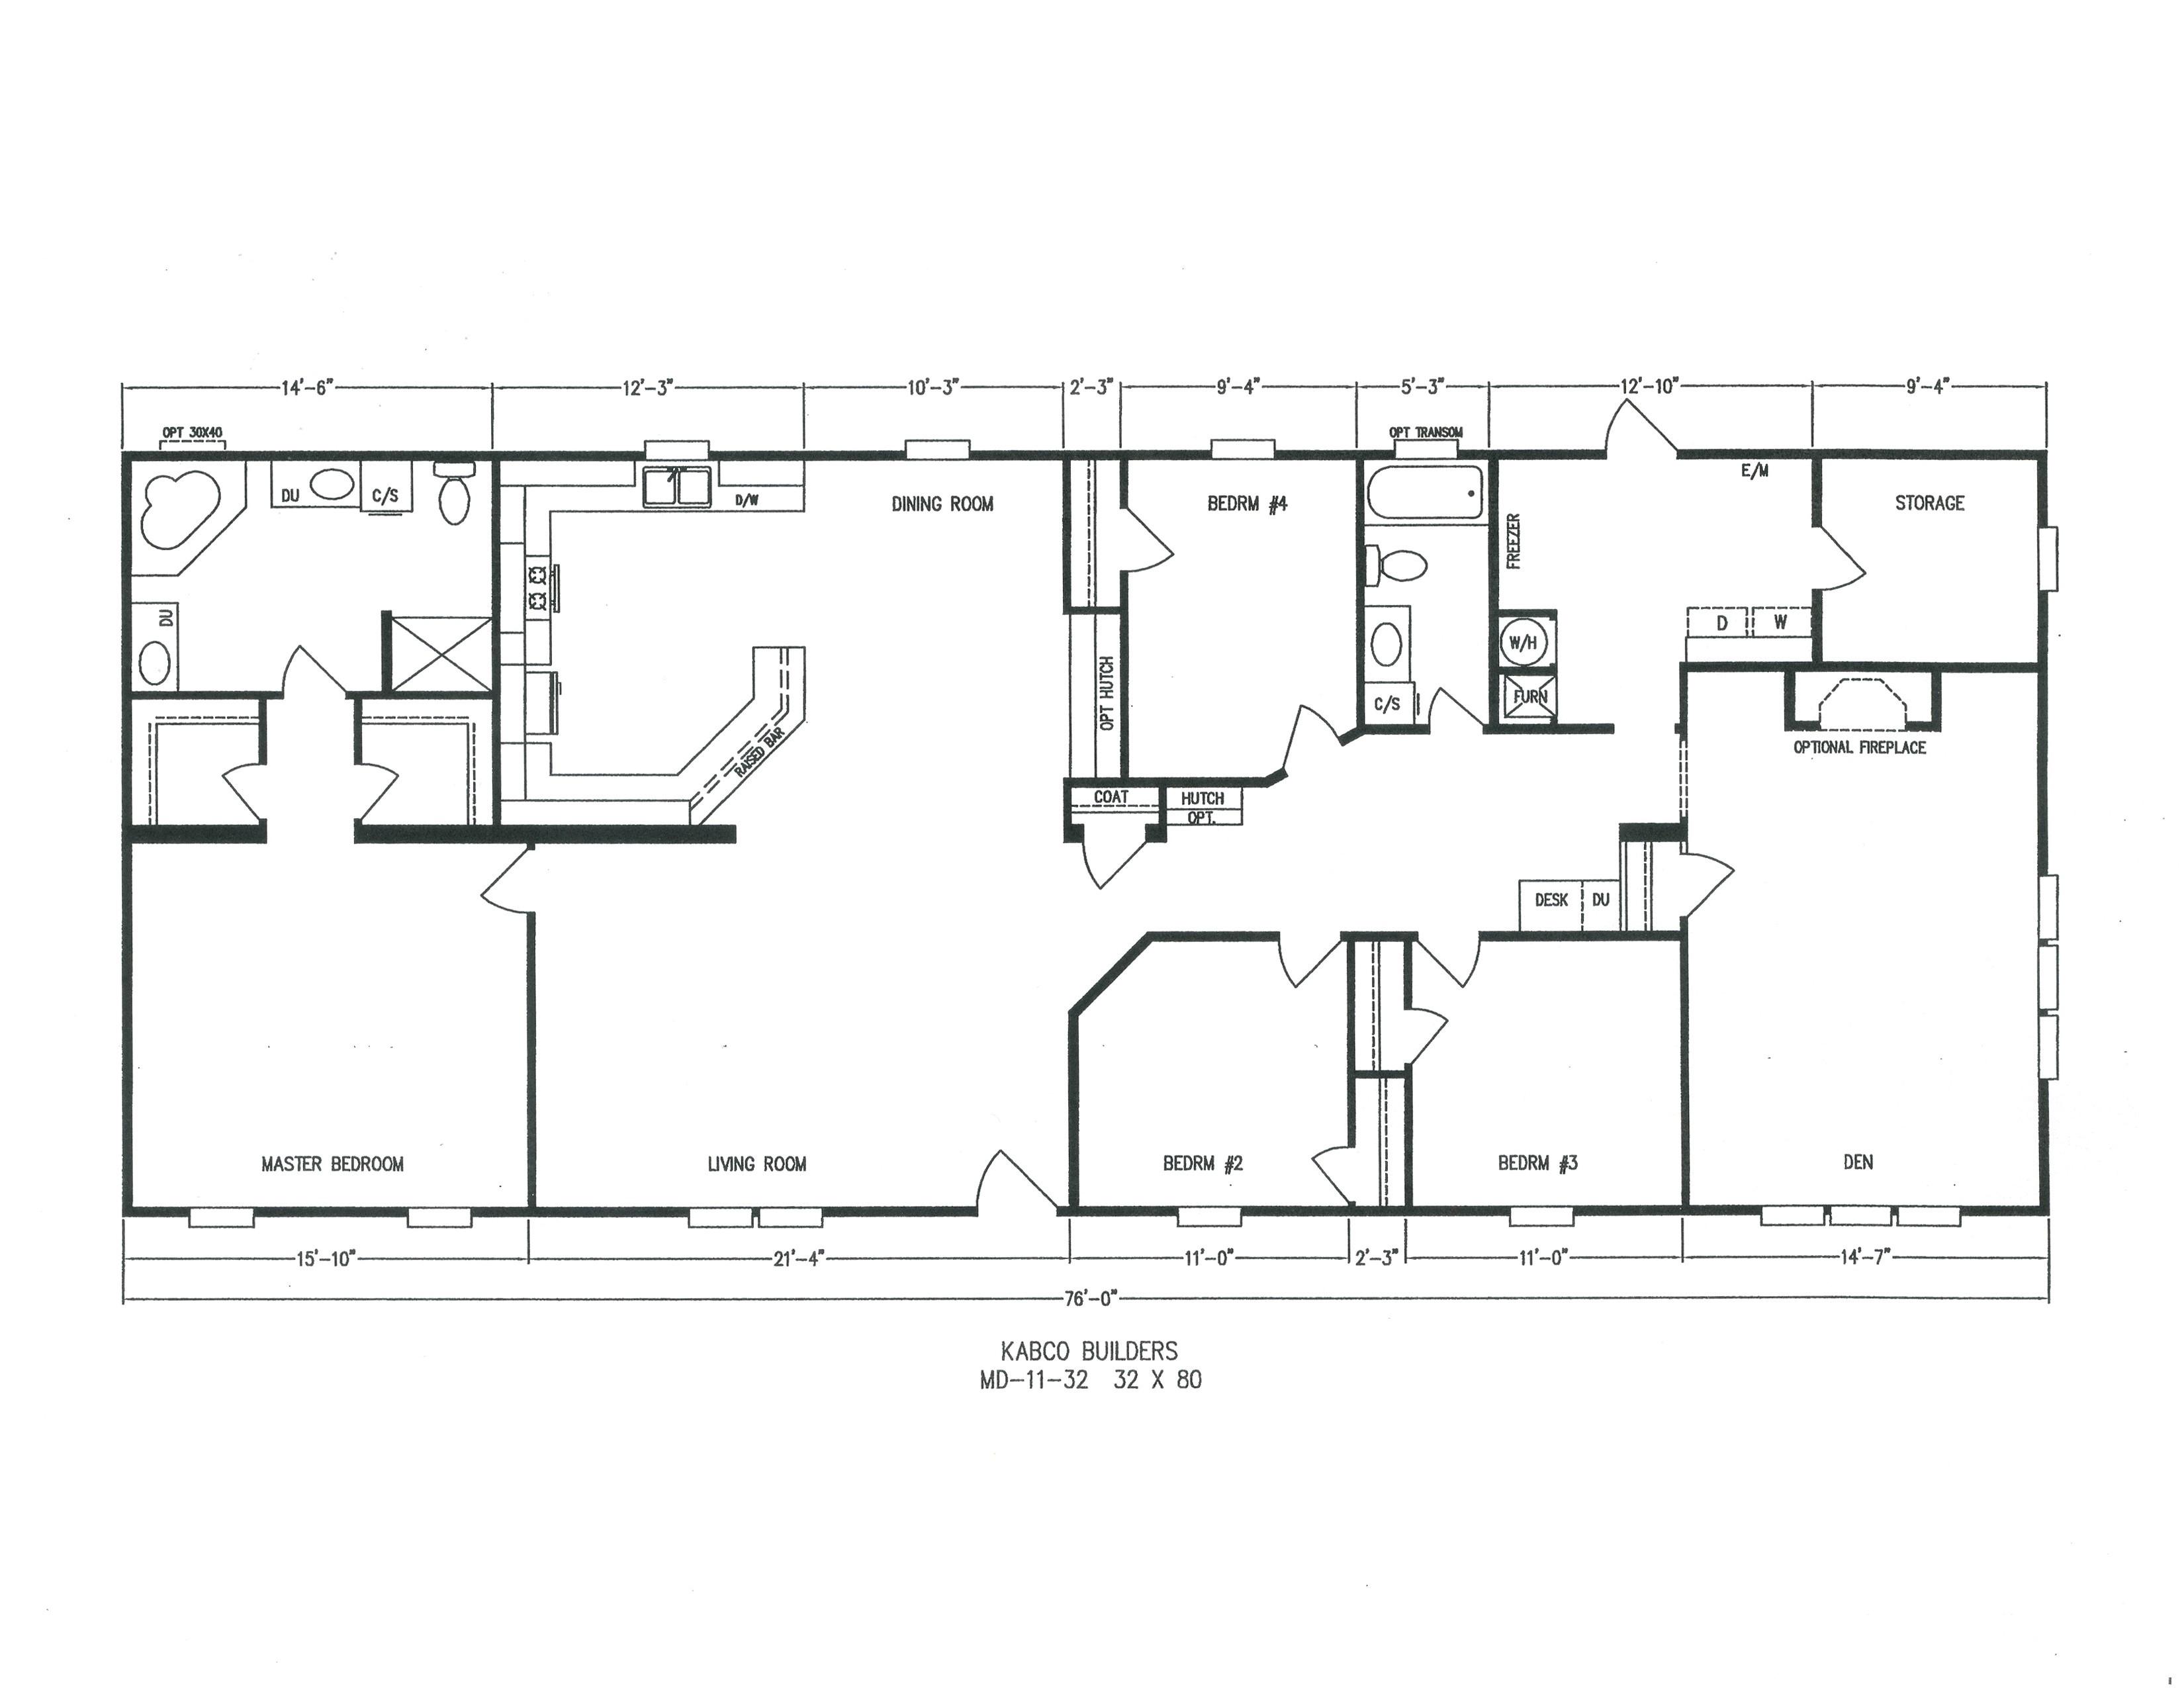 dream house floor plan maker